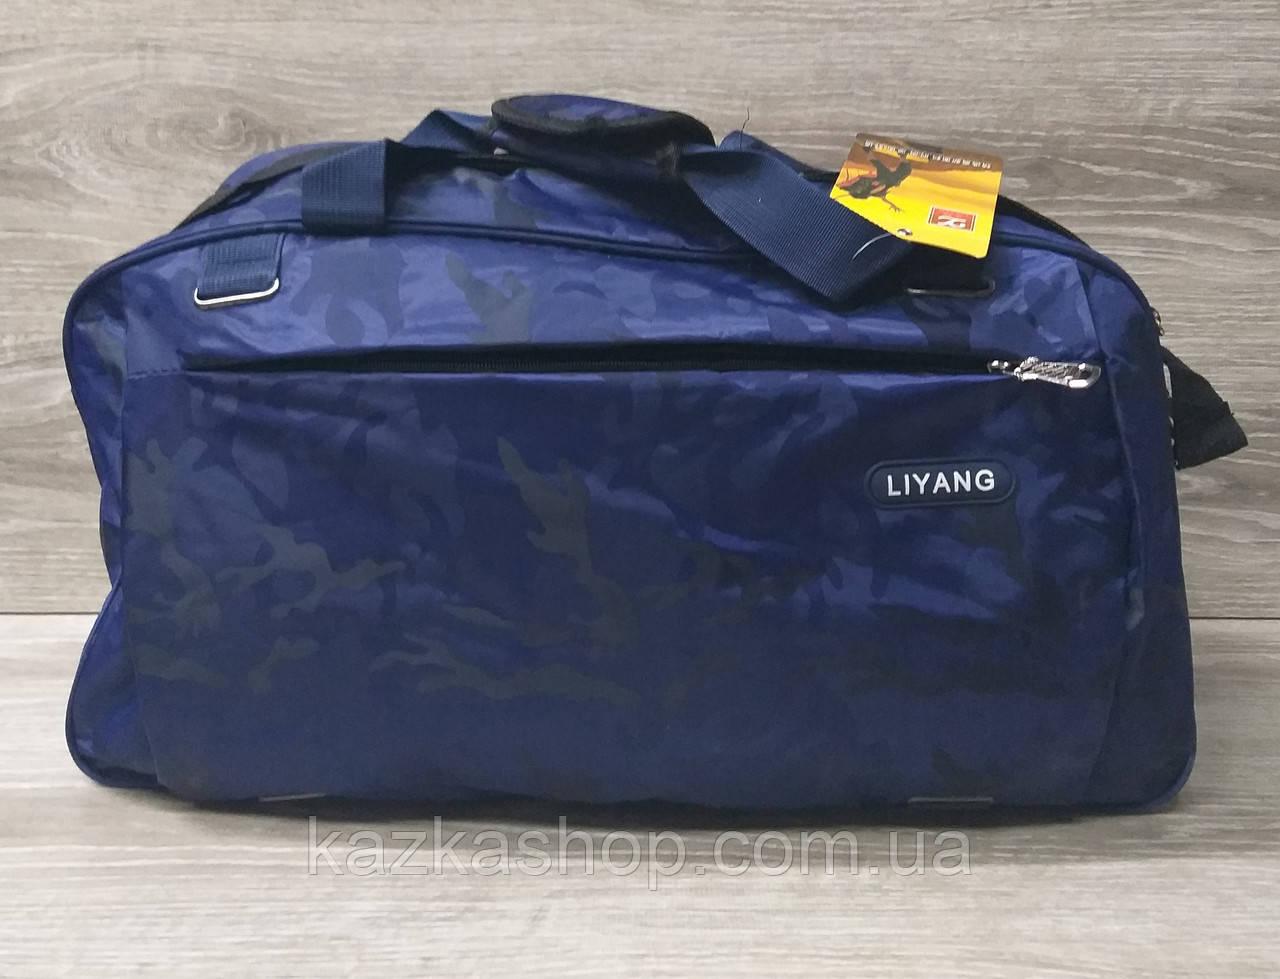 Дорожная сумка хорошего качества, среднего размера 53х32х22 см, плотный материал, ножки на дне сумке